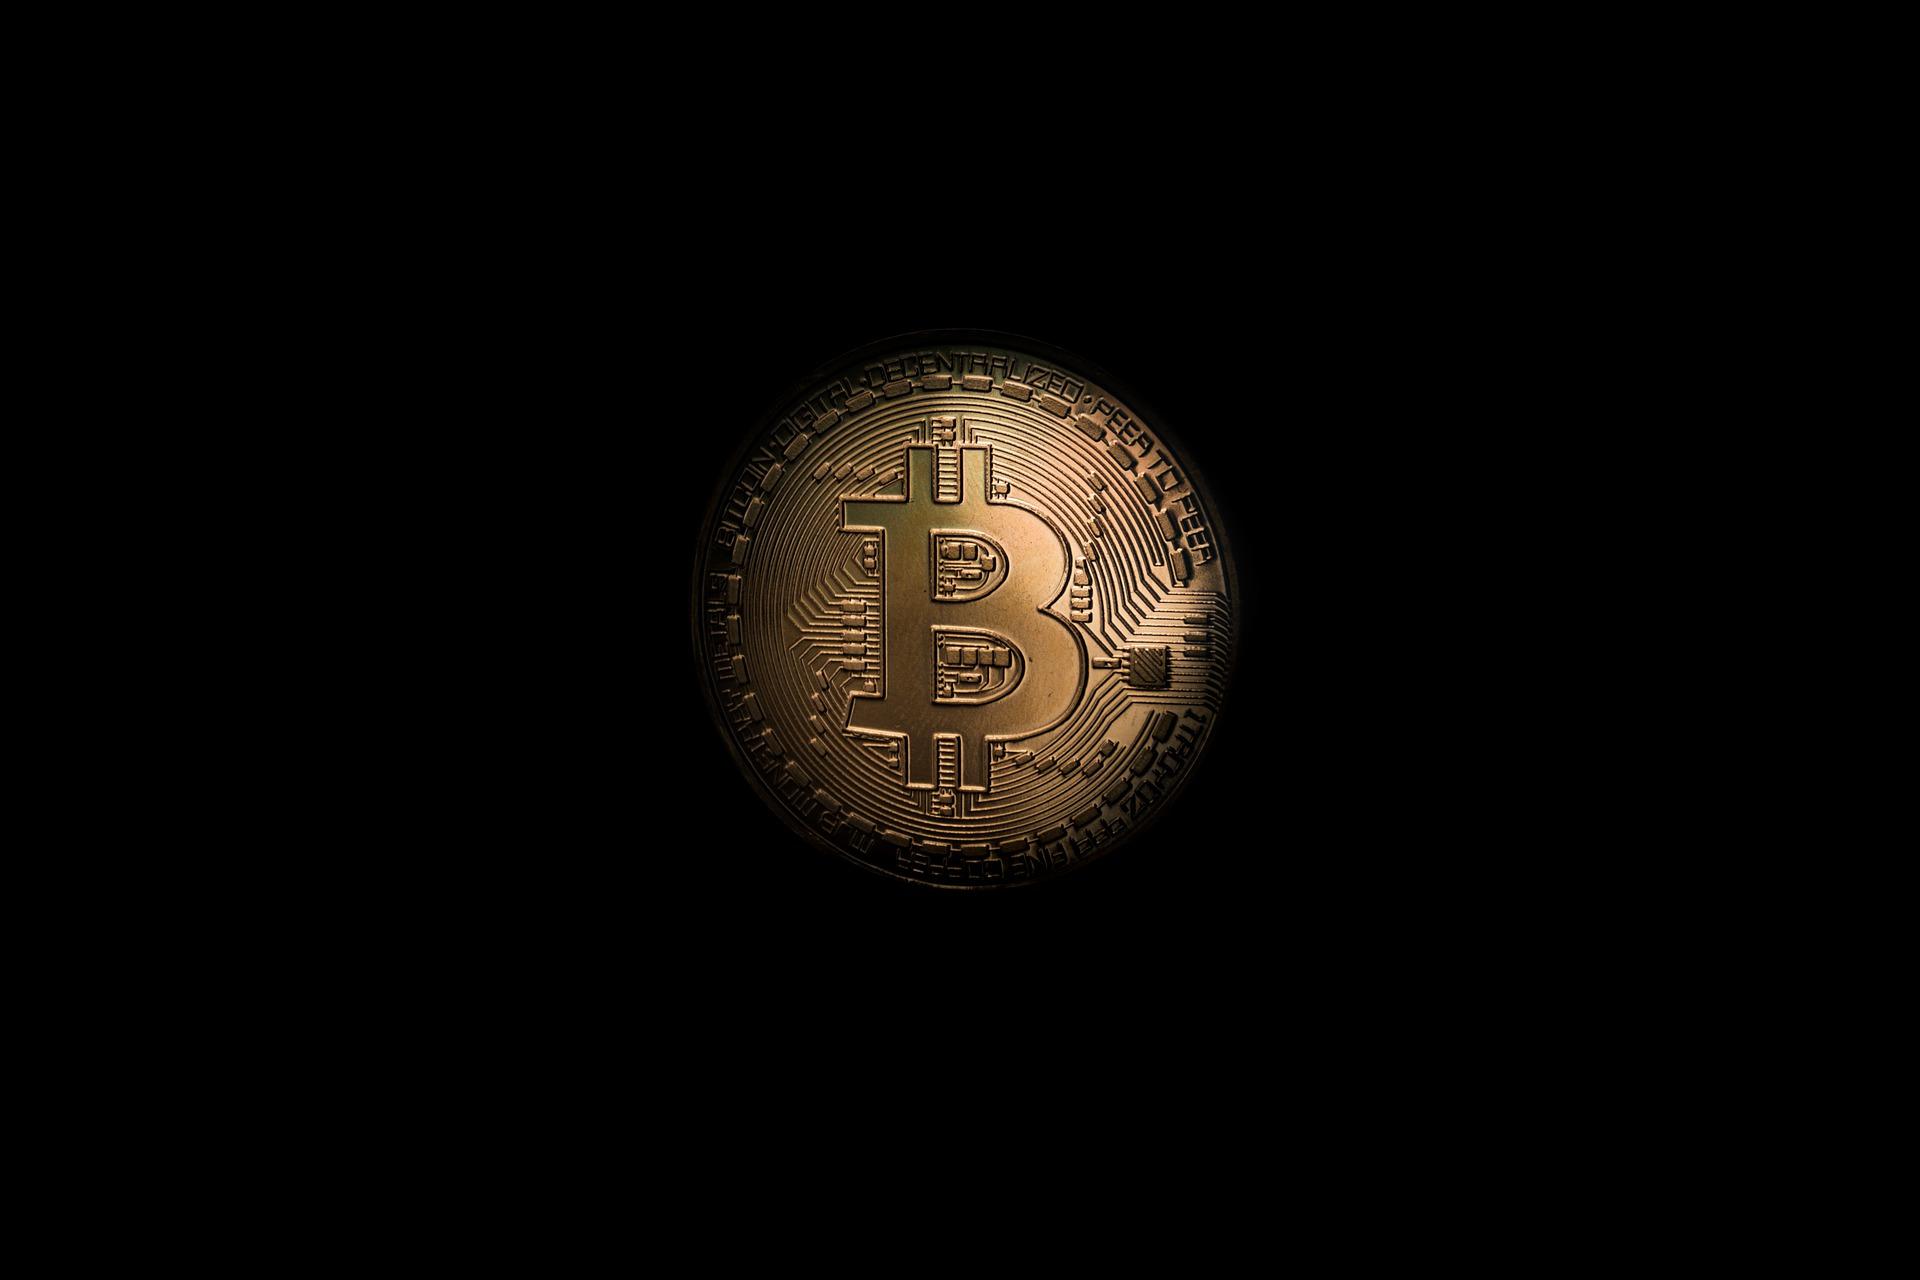 Malgré l'efficacité des privacy coins pour l'anonymat, le bitcoin domine le marché du dark web pour les grandes transactions.